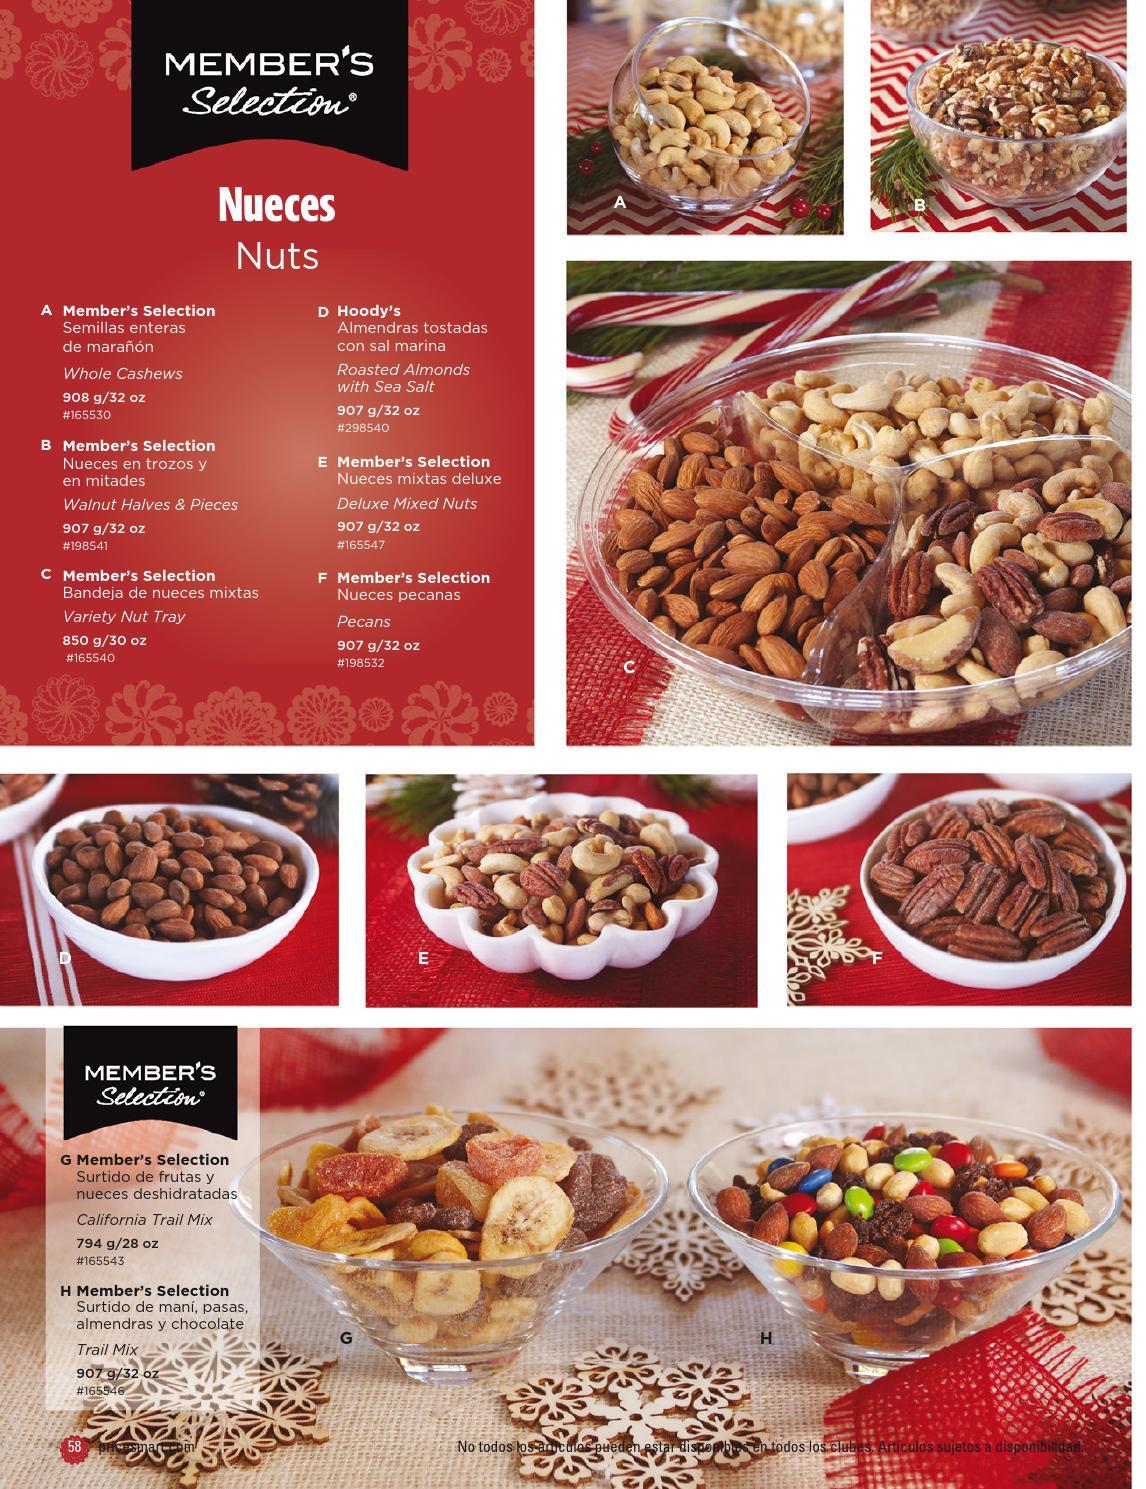 Catalogo price smart navidad 2013 by interiores estilo for Productos de navidad